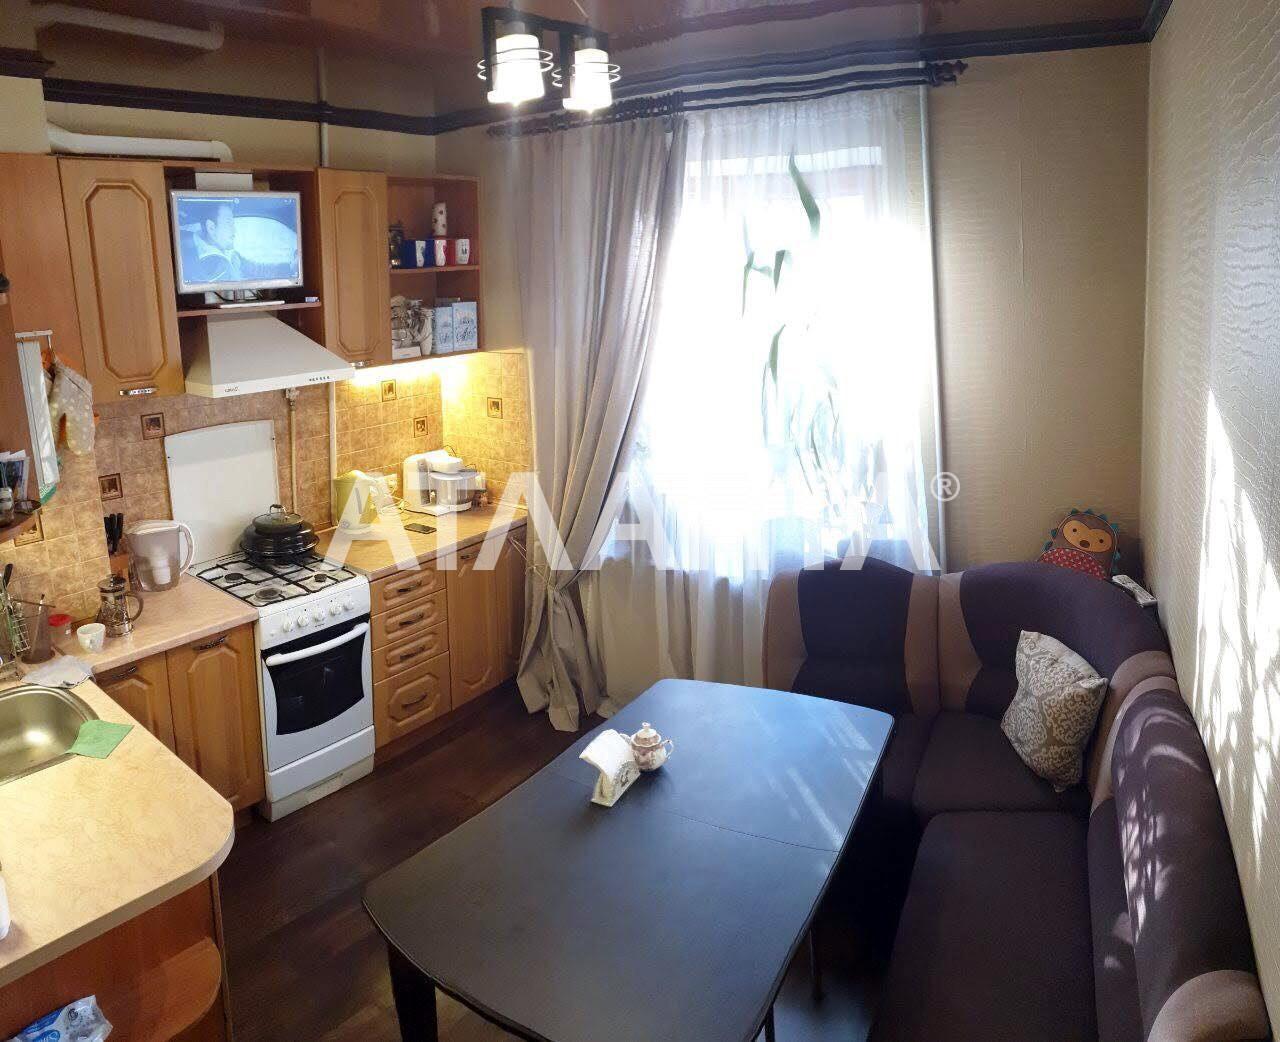 Продается 1-комнатная Квартира на ул. Королева Ак. — 33 000 у.е. (фото №3)